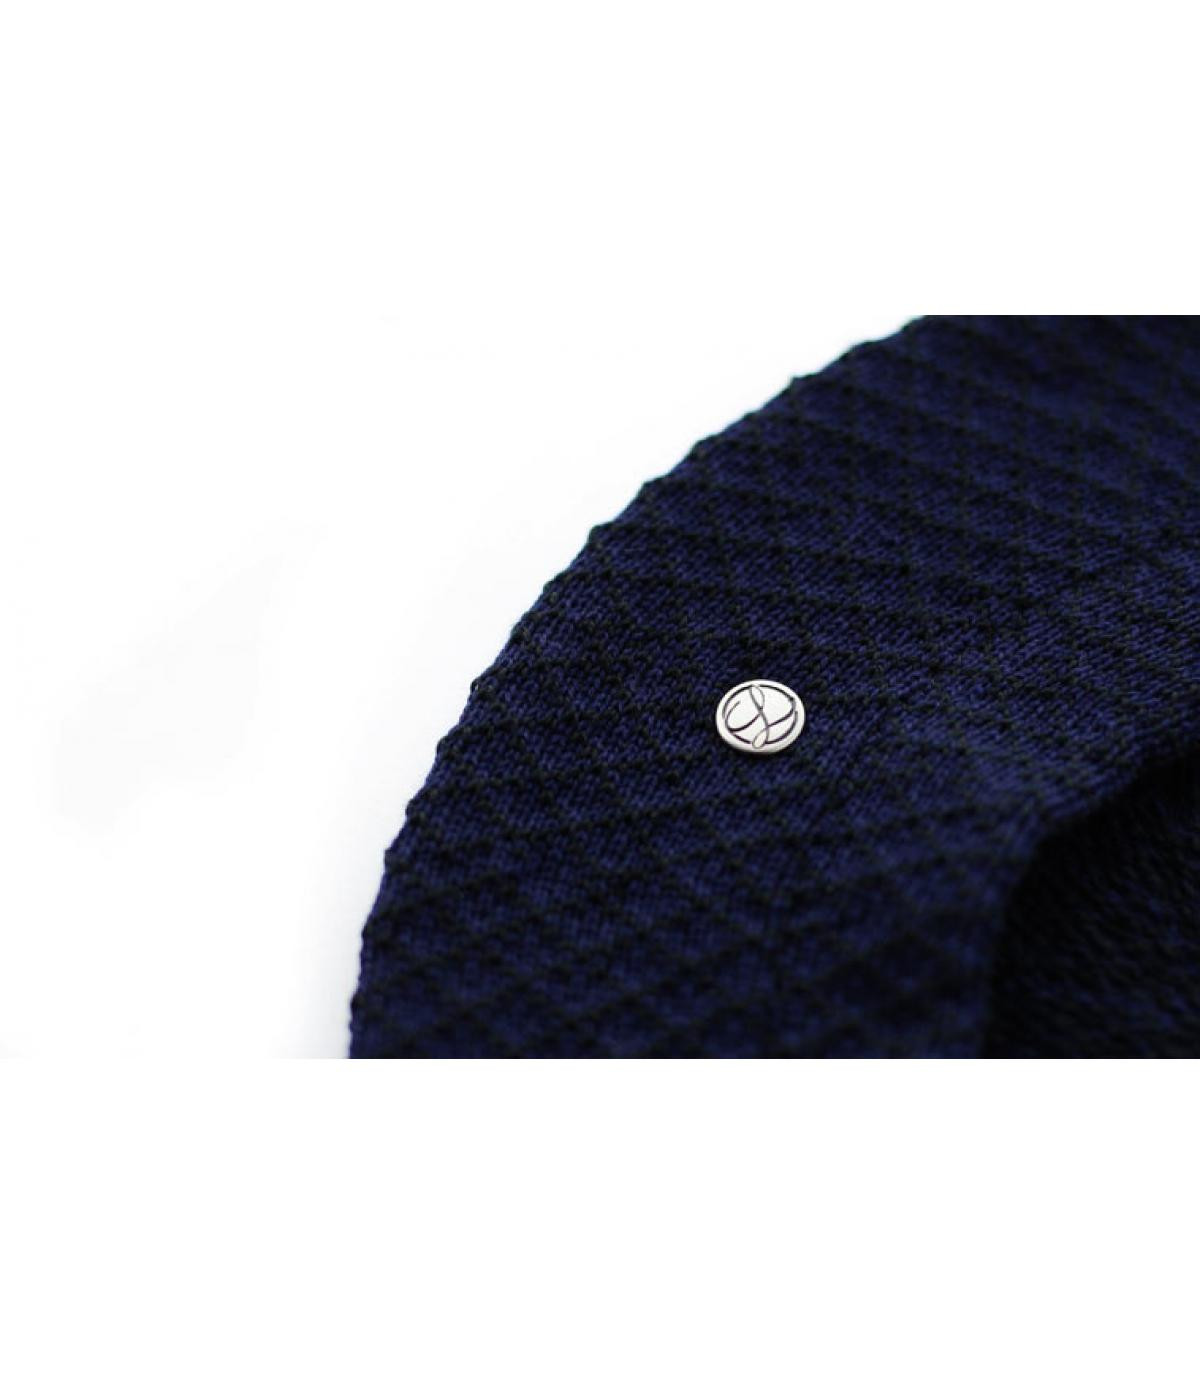 Details Béret Coton noir bleu nuit - Abbildung 3